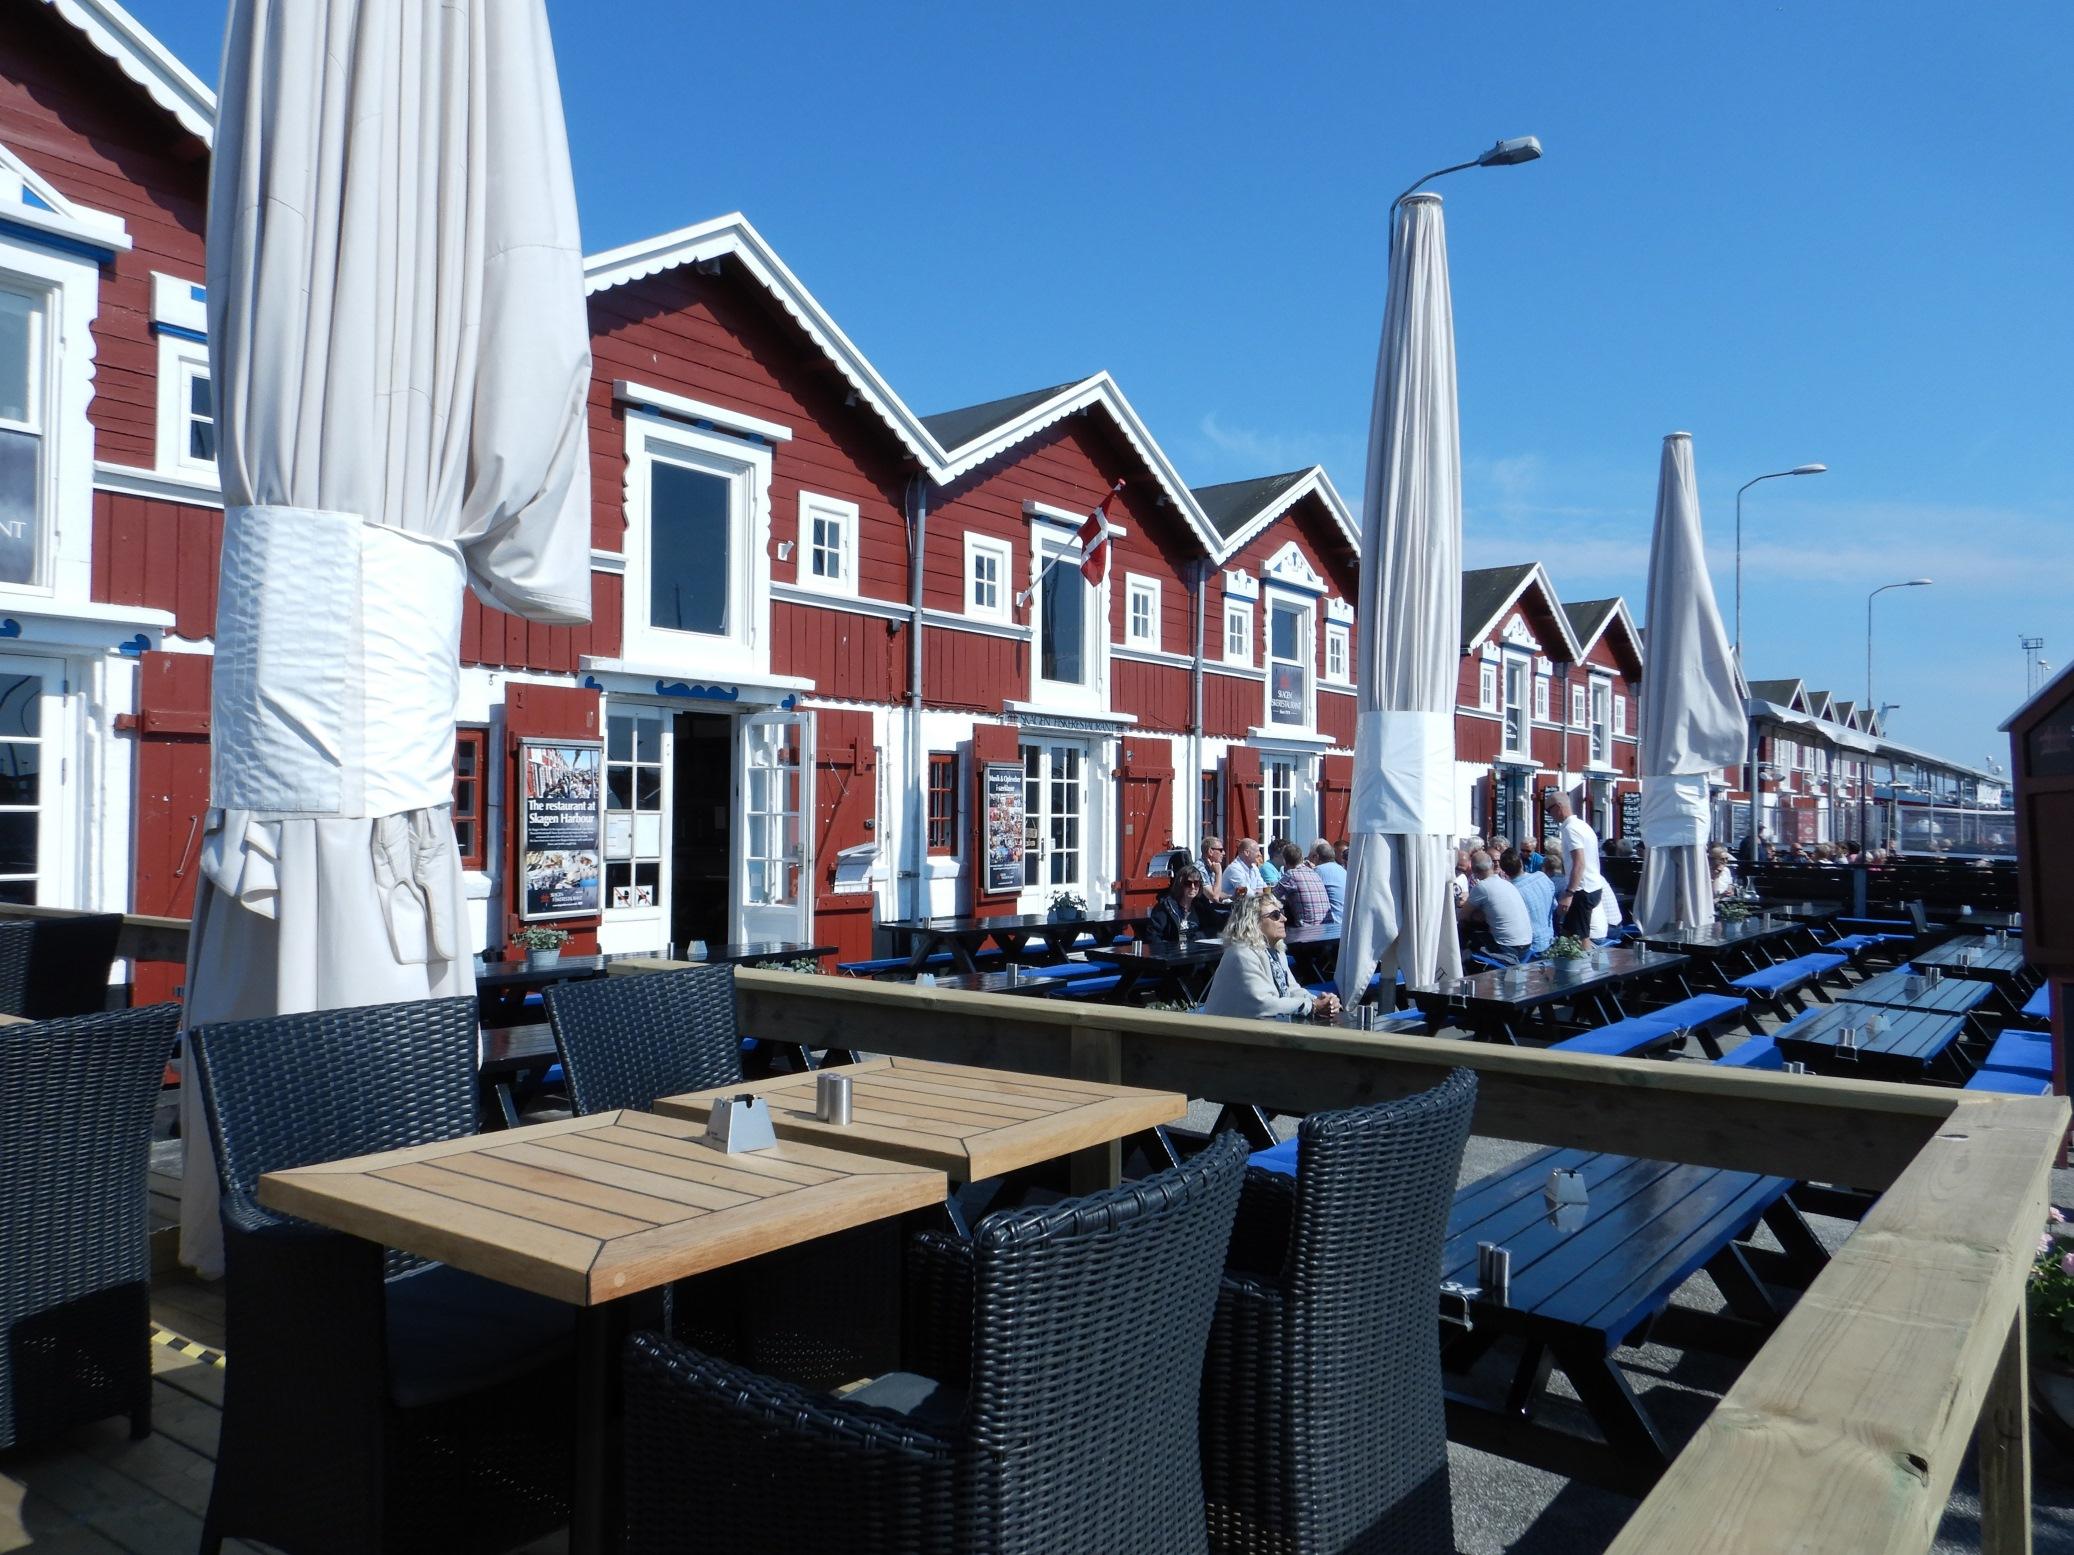 Kapidaenins Lieblingsplätze #53 Fiskepakhuse Skagen